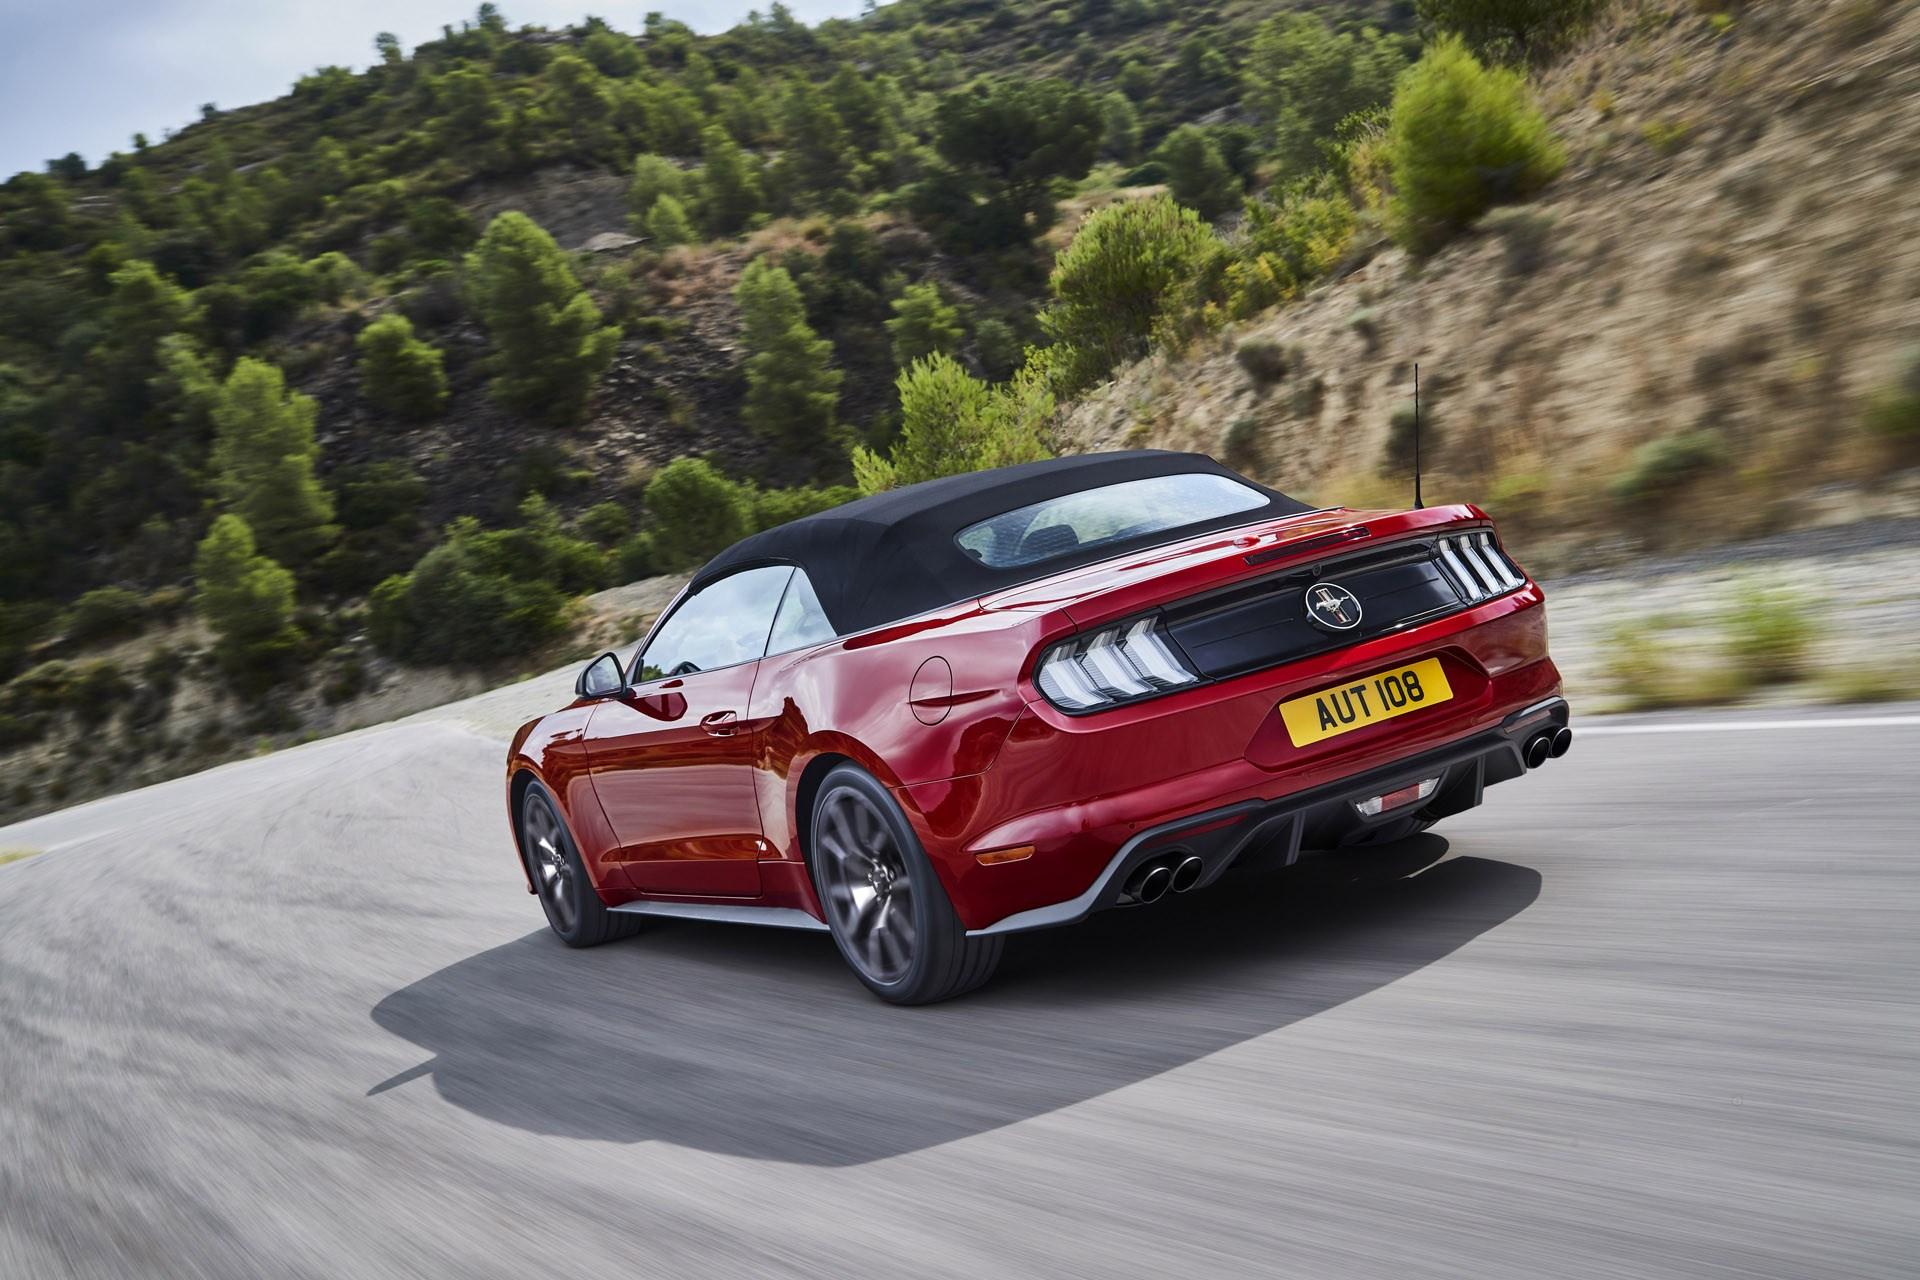 Επετειακή έκδοση Mustang55 5.0L V8 και αναβαθμίσεις για την Mustang 2.3L EcoBoost